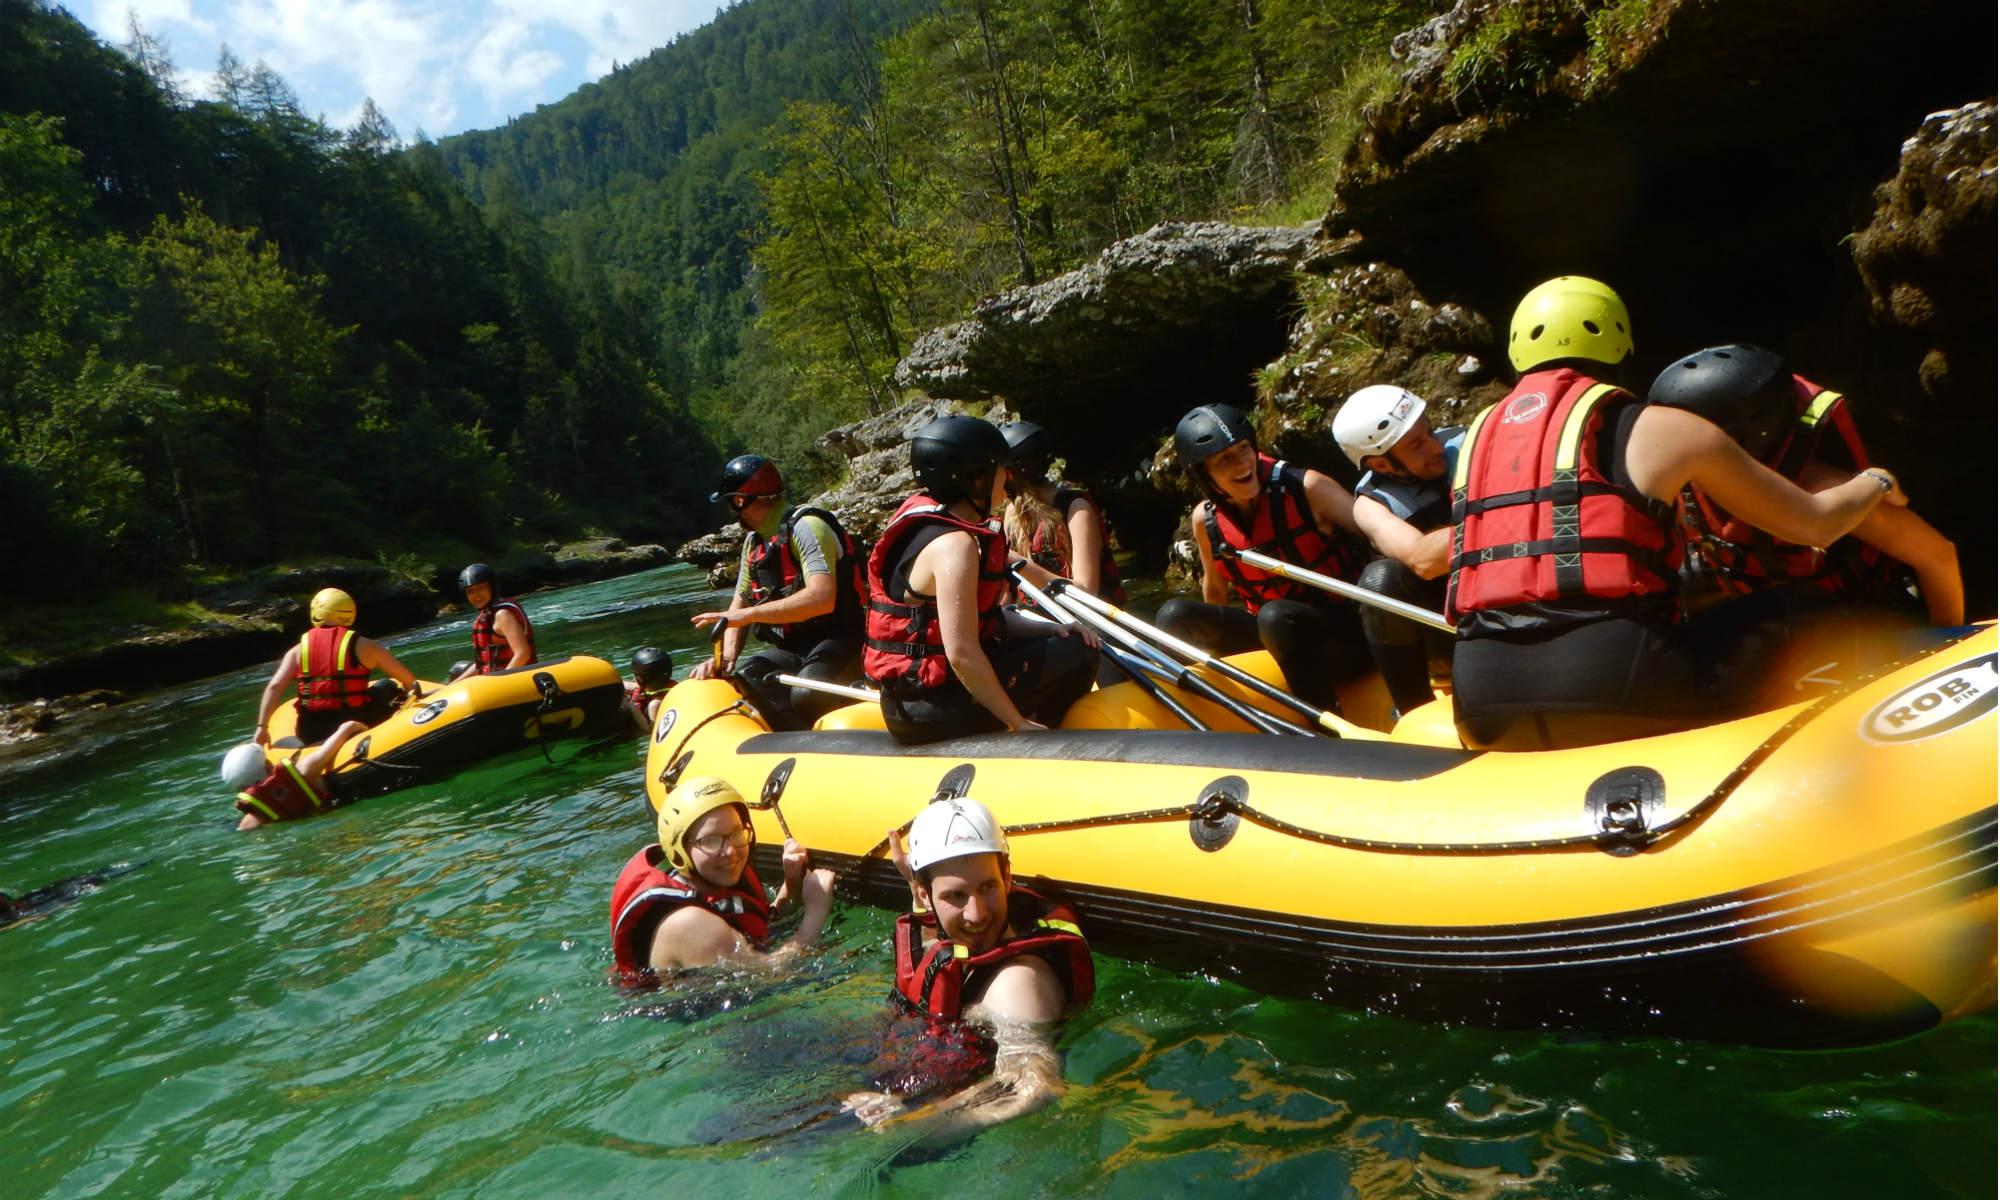 Bei einer Rafting Tour im Gesäuse lassen sich einige Teilnehmer neben dem Raft im Wasser treiben.